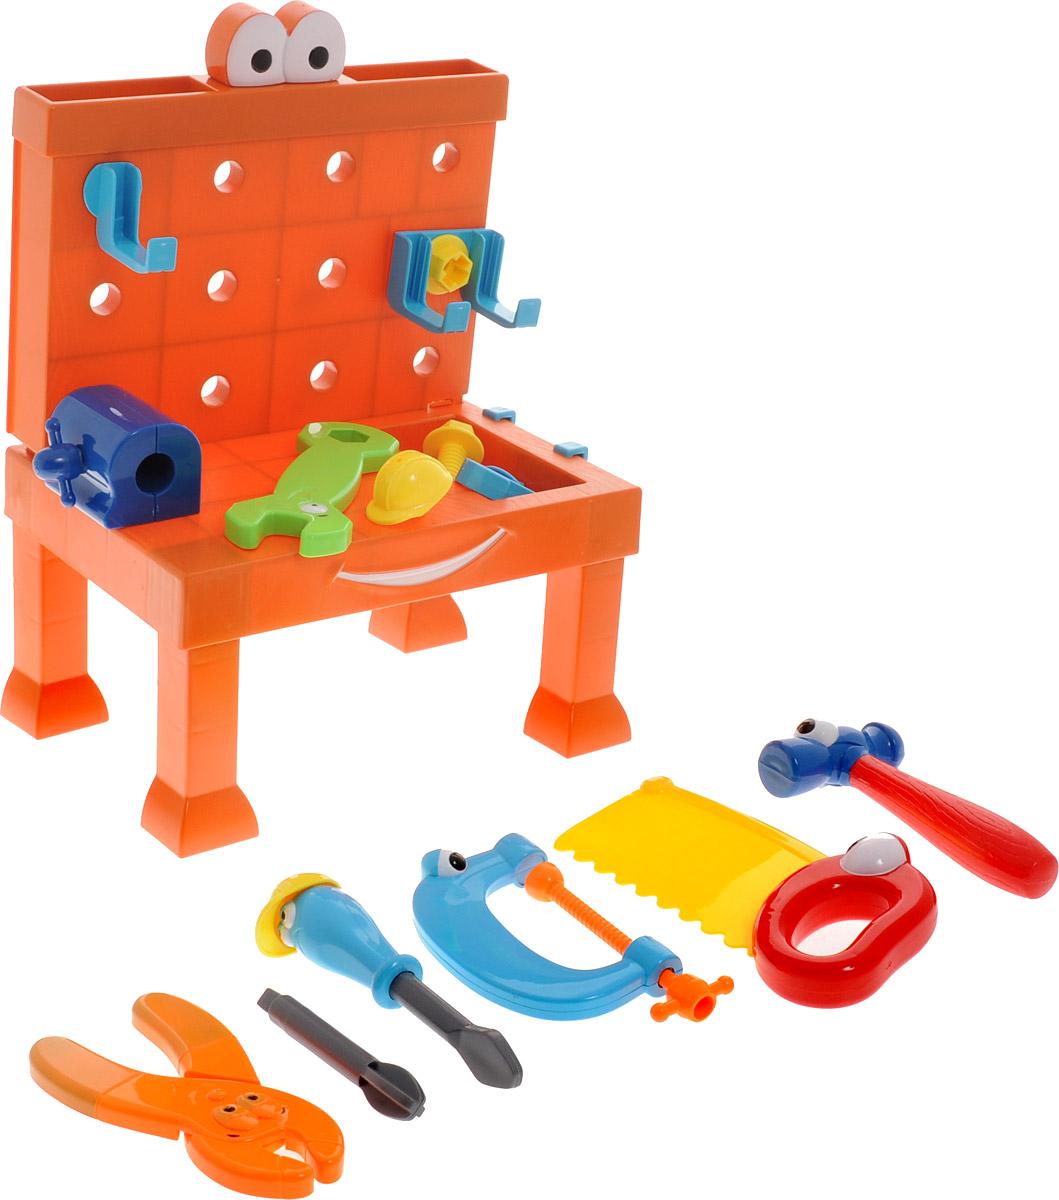 Boley Игровой набор Мастерская с рабочим столом пилой и гаечным ключом31171CИгровой набор Мастерская с рабочим столом - это великолепный подарок для юного строителя. Легкие и яркие пластиковые инструменты сделают вашу домашнюю мастерскую безопасной для ребенка. В наборе имеется складной рабочий стол, на котором легко разместятся многочисленные игрушечные инструменты. К стенке стола можно приделать специальные крючки для более удобного хранения инструментов. Набор содержит молоток, зажим, струбцину, клещи, пилу, отвертку и винты с гайками. Все предметы оформлены забавными личиками с глазками. А отвертка и пила даже могут примерить строительные каски! Игрушки помогут маленькому мастеру познакомиться с основными видами инструментов и получить навык работы с ними. Предметы, входящие в набор, замечательно подходят для дидактических и ролевых игр, знакомят с социальными ролями, развивают моторику ребенка. Порадуйте своего ребенка таким чудесным набором!